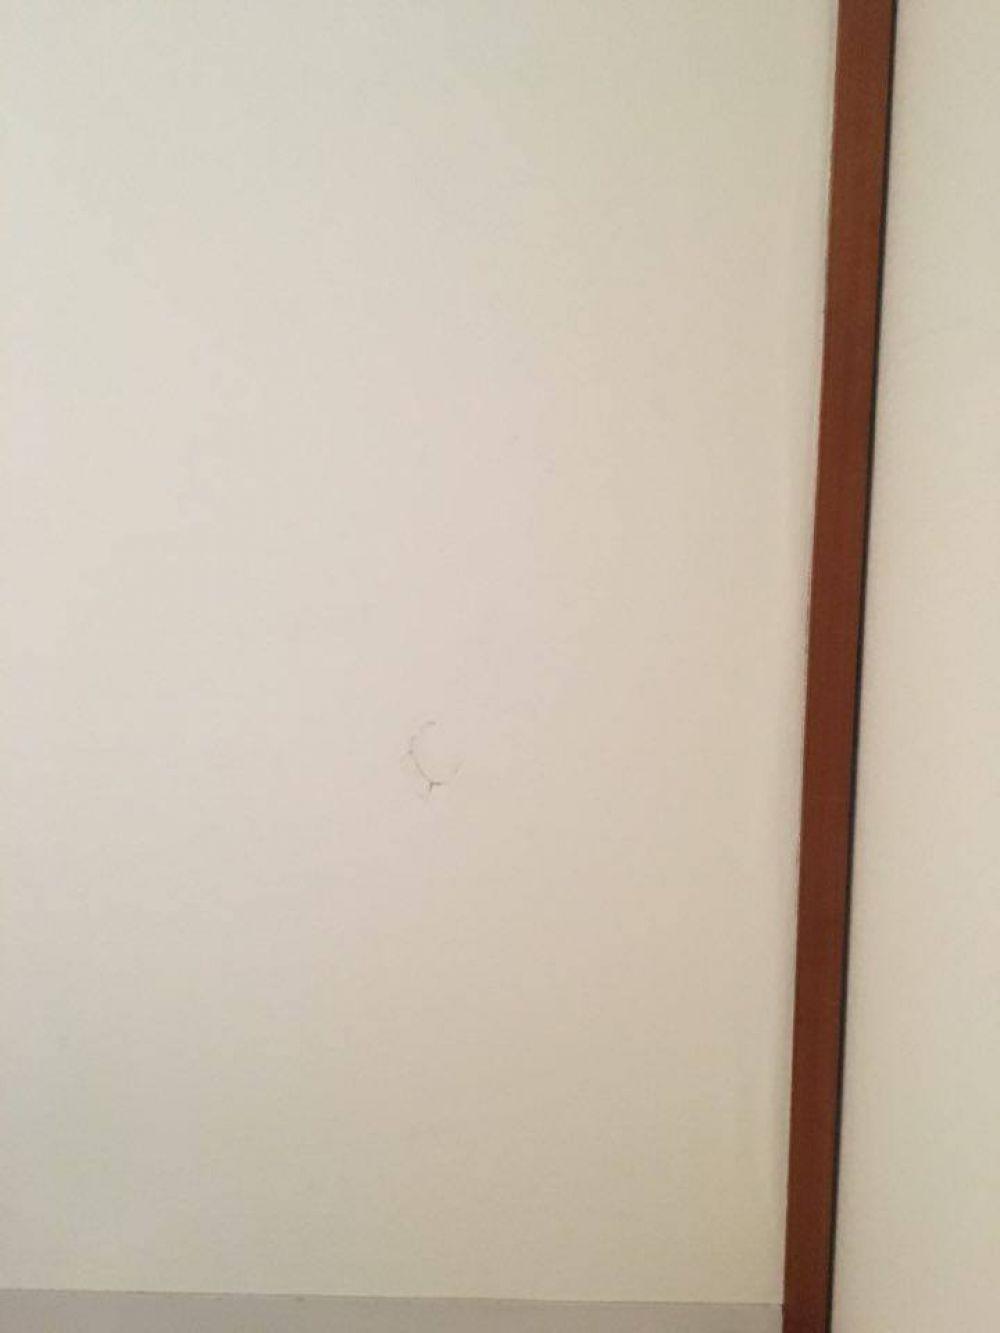 複数 3面 の壁の穴を壁紙だけでなく内側まで修理したい リフォーム